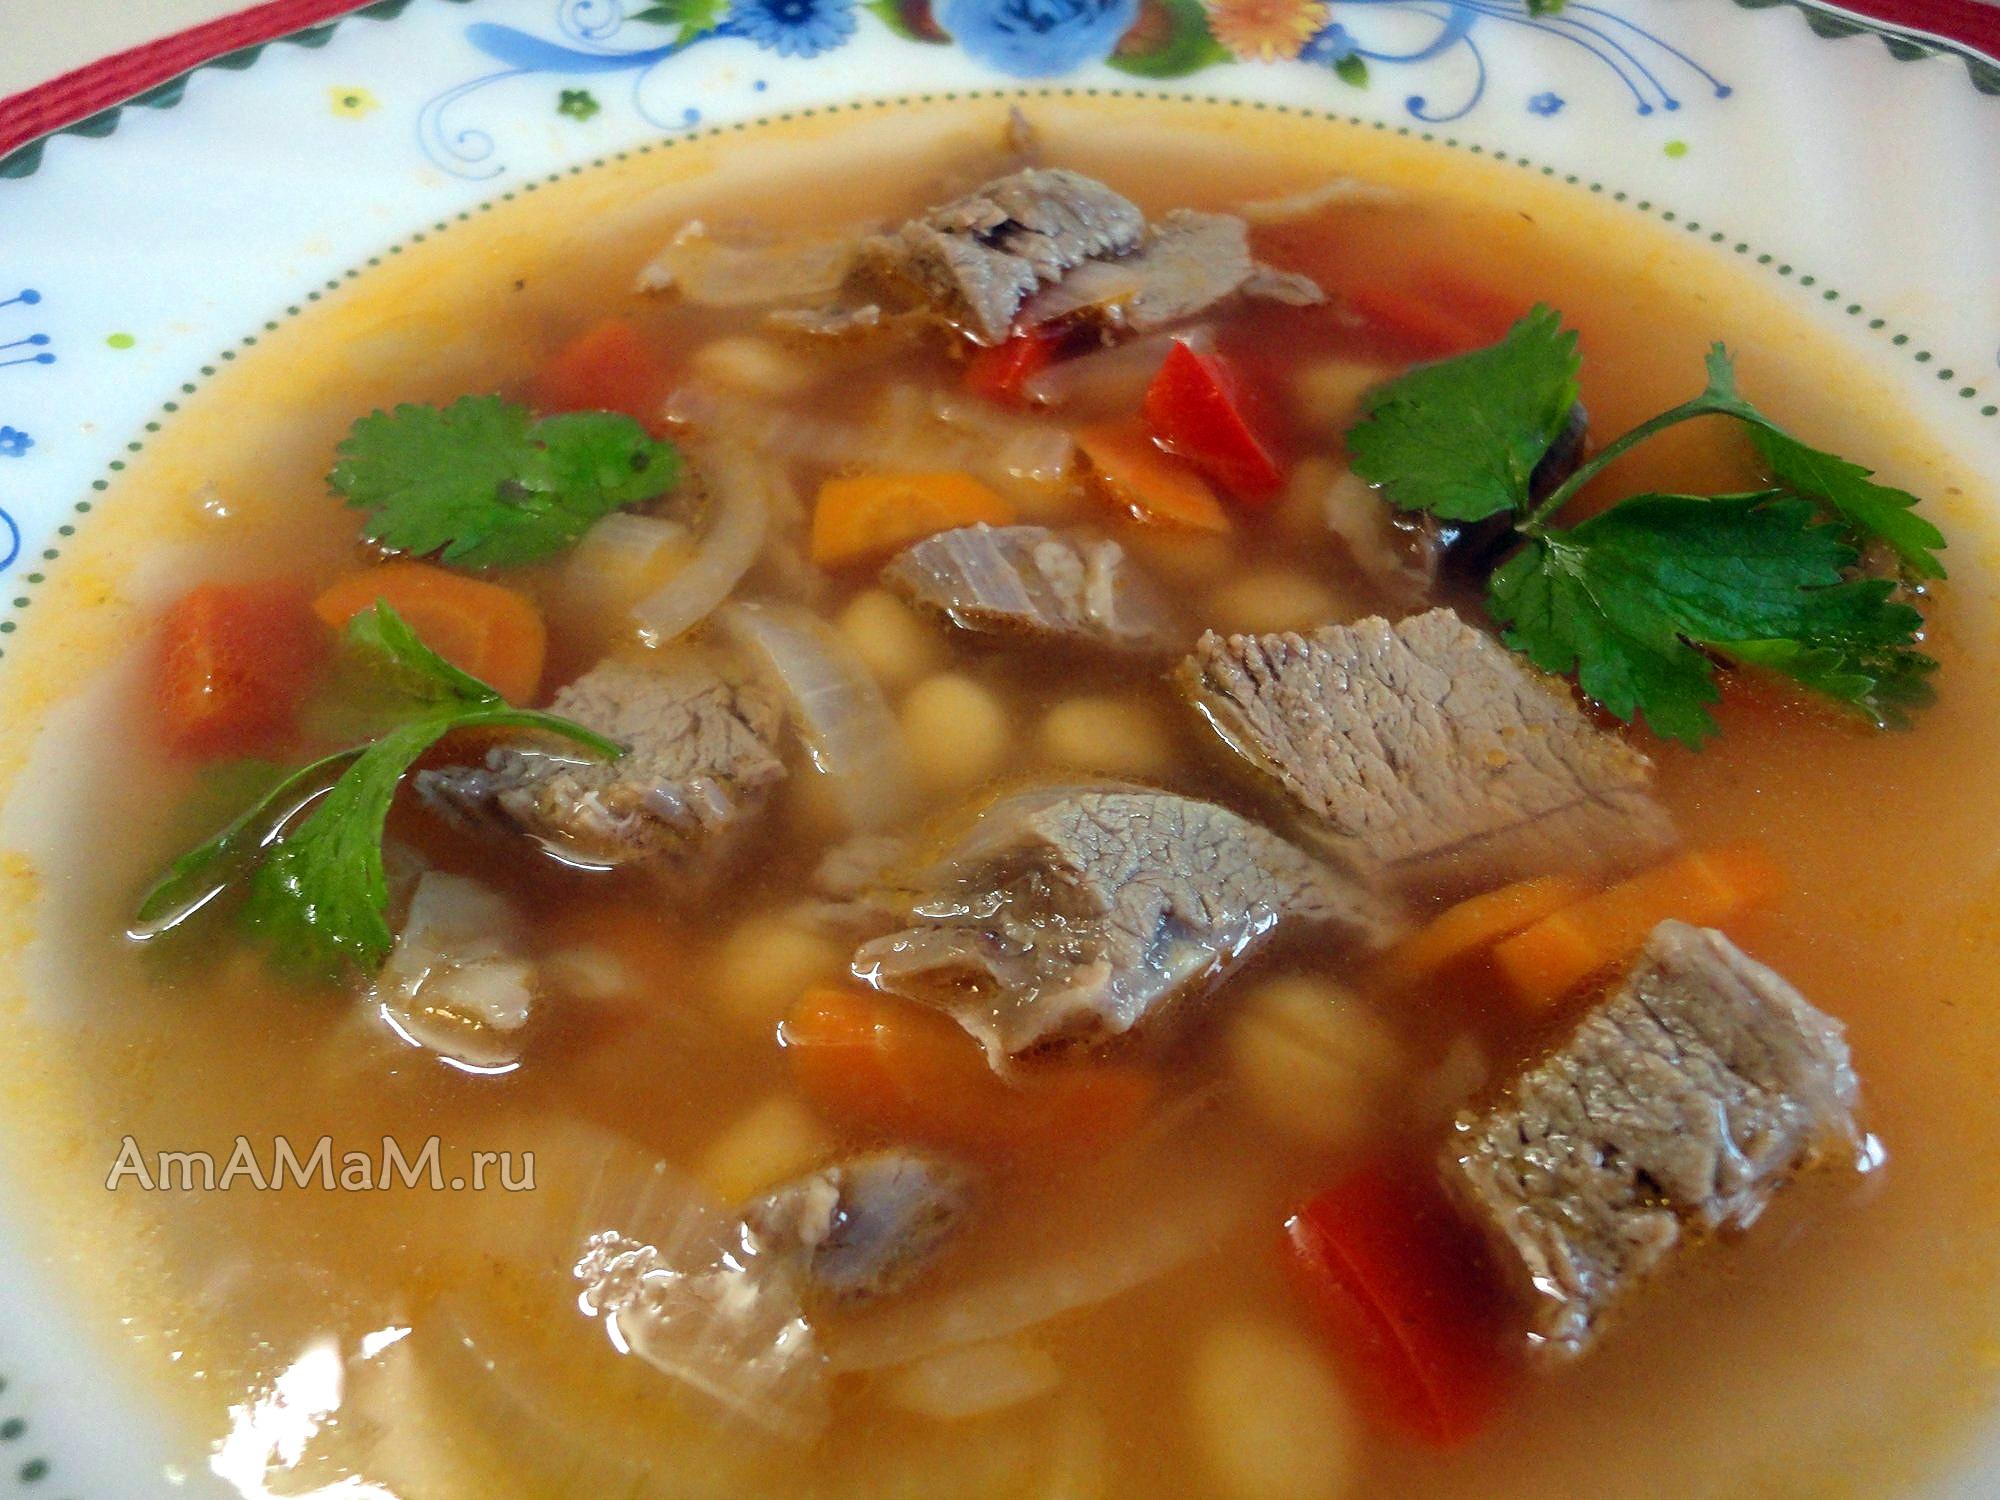 Суп из баранины пошаговый фото рецепт